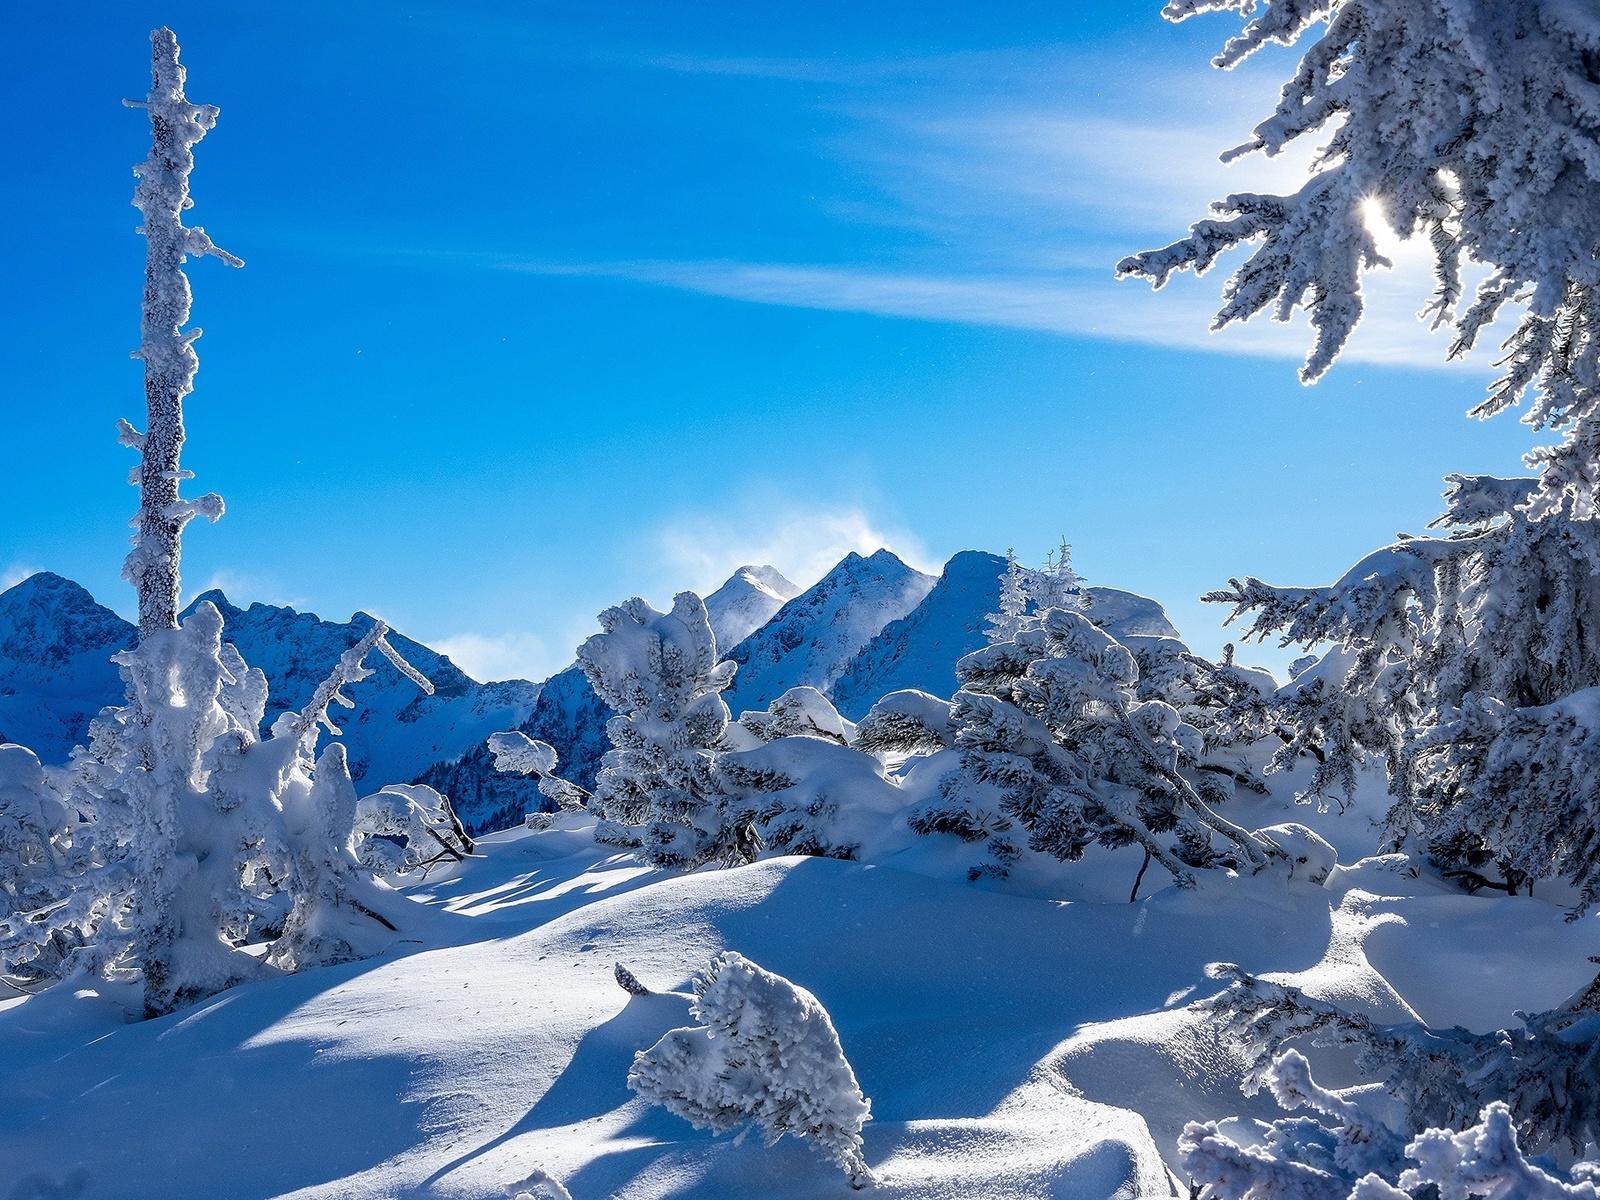 природа, пейзаж, зима, снег, деревья, ели, горы, австрия, альпы, сугробы, штирия, тени